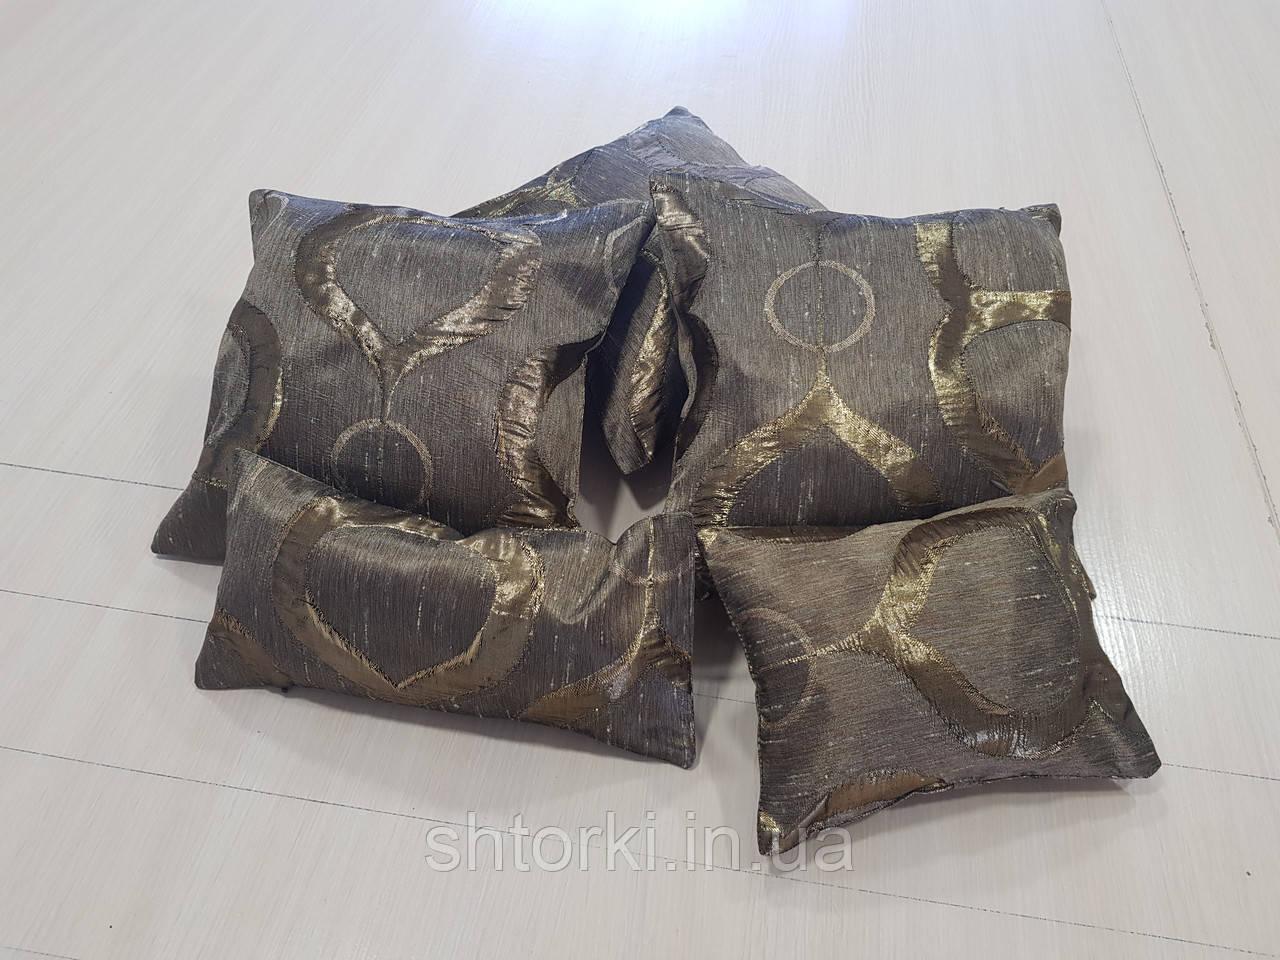 Комплект подушек   коричневые с бронзовым рисунком, 5шт